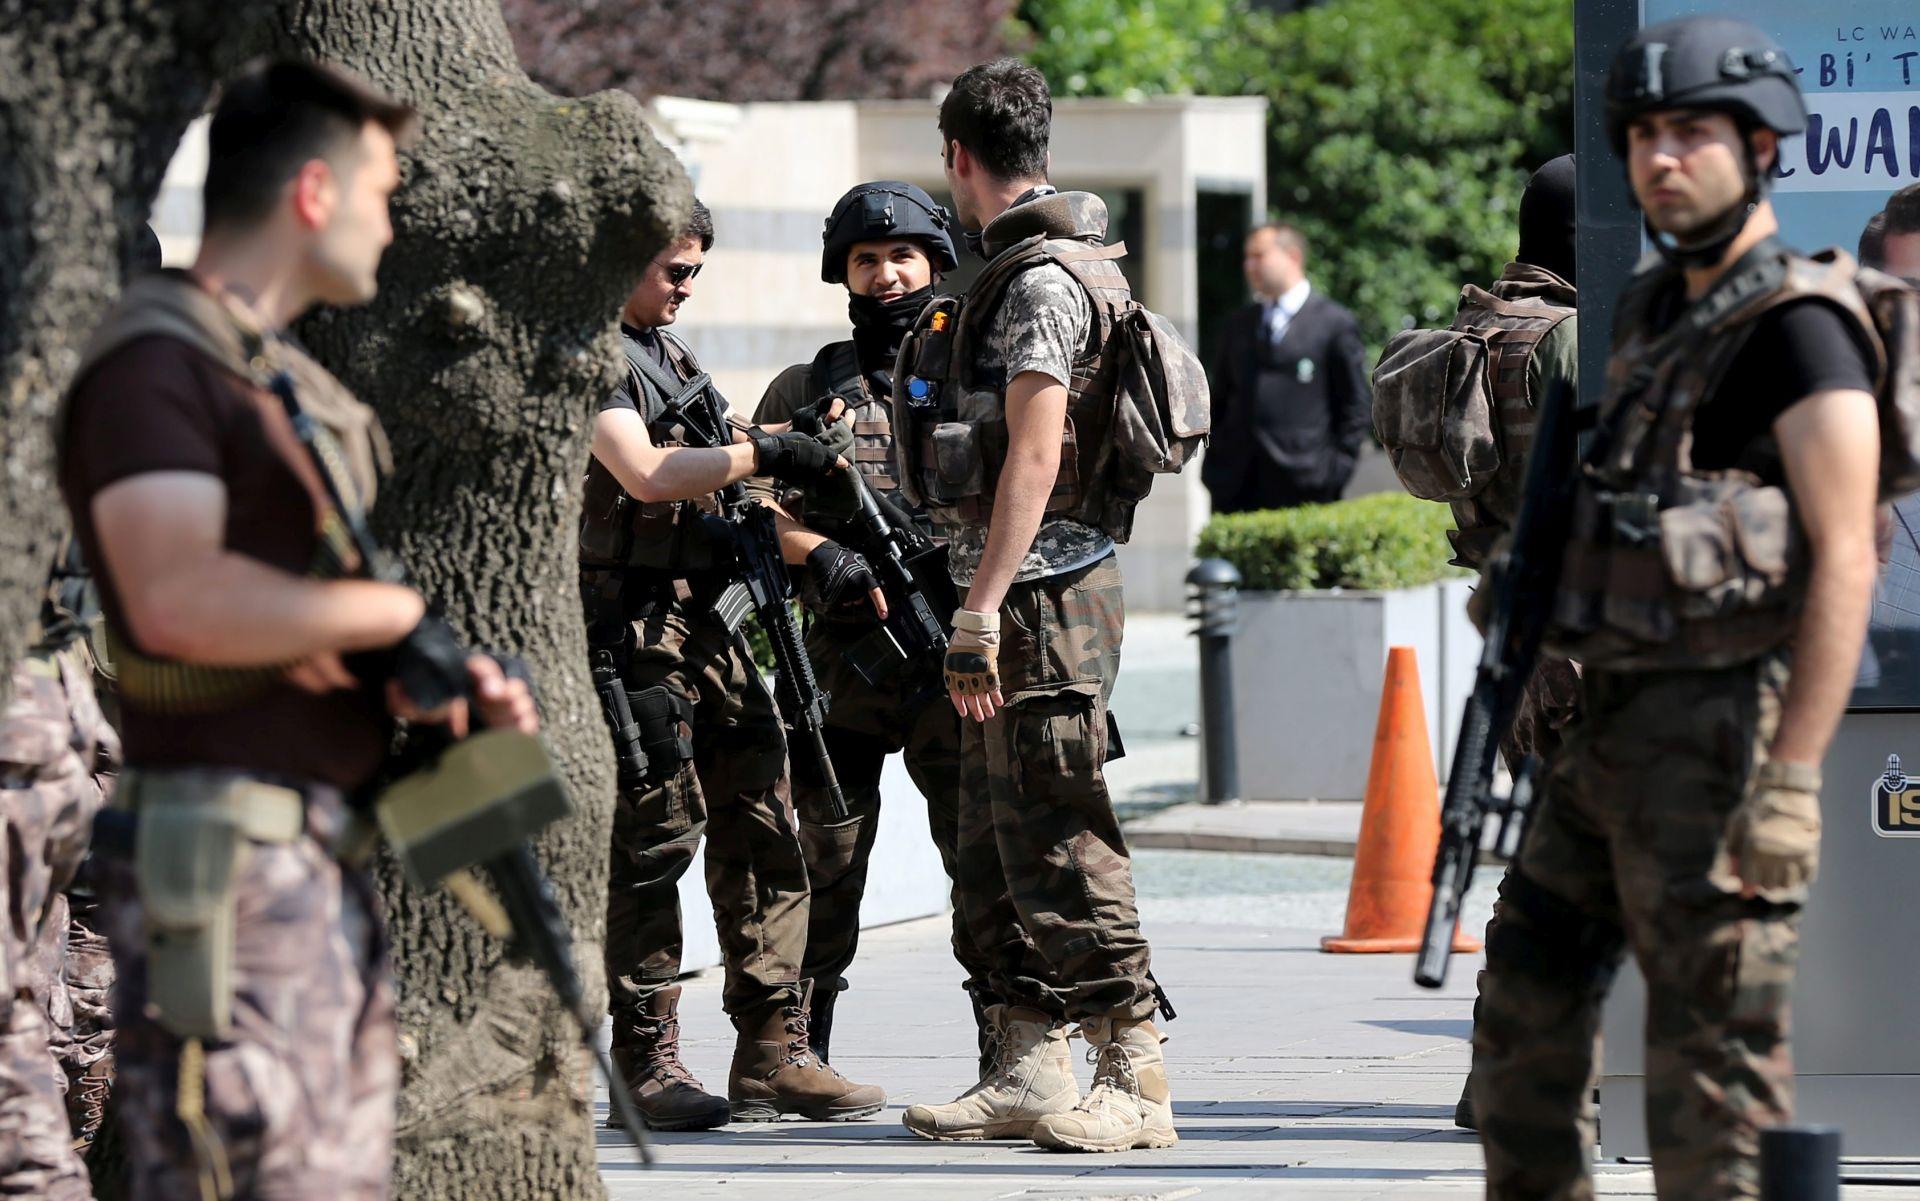 AUTOMOBIL-BOMBA: Eksplozija kod policijske postaje u istočnoj Turskoj, 20 ozlijeđenih